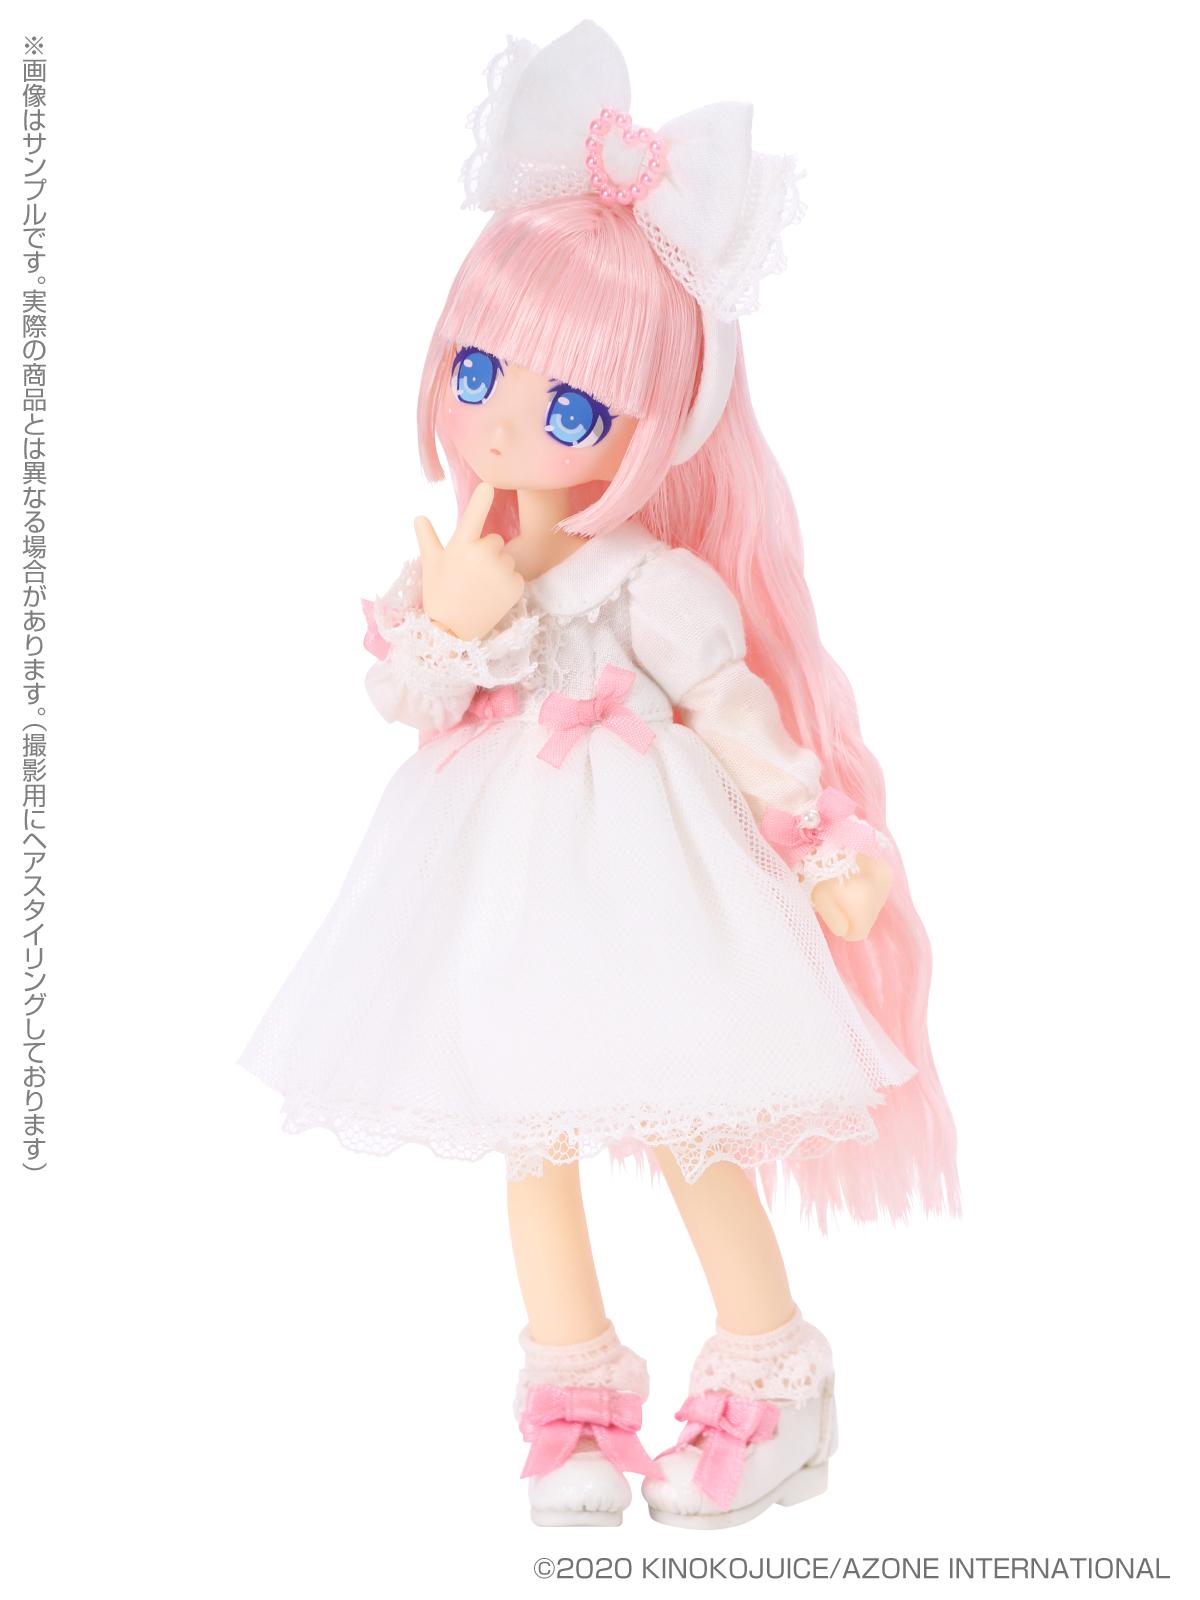 キノコジュース×Lil'Fairy『Twinkle☆Candy Girls/リプー』1/12 完成品ドール-005